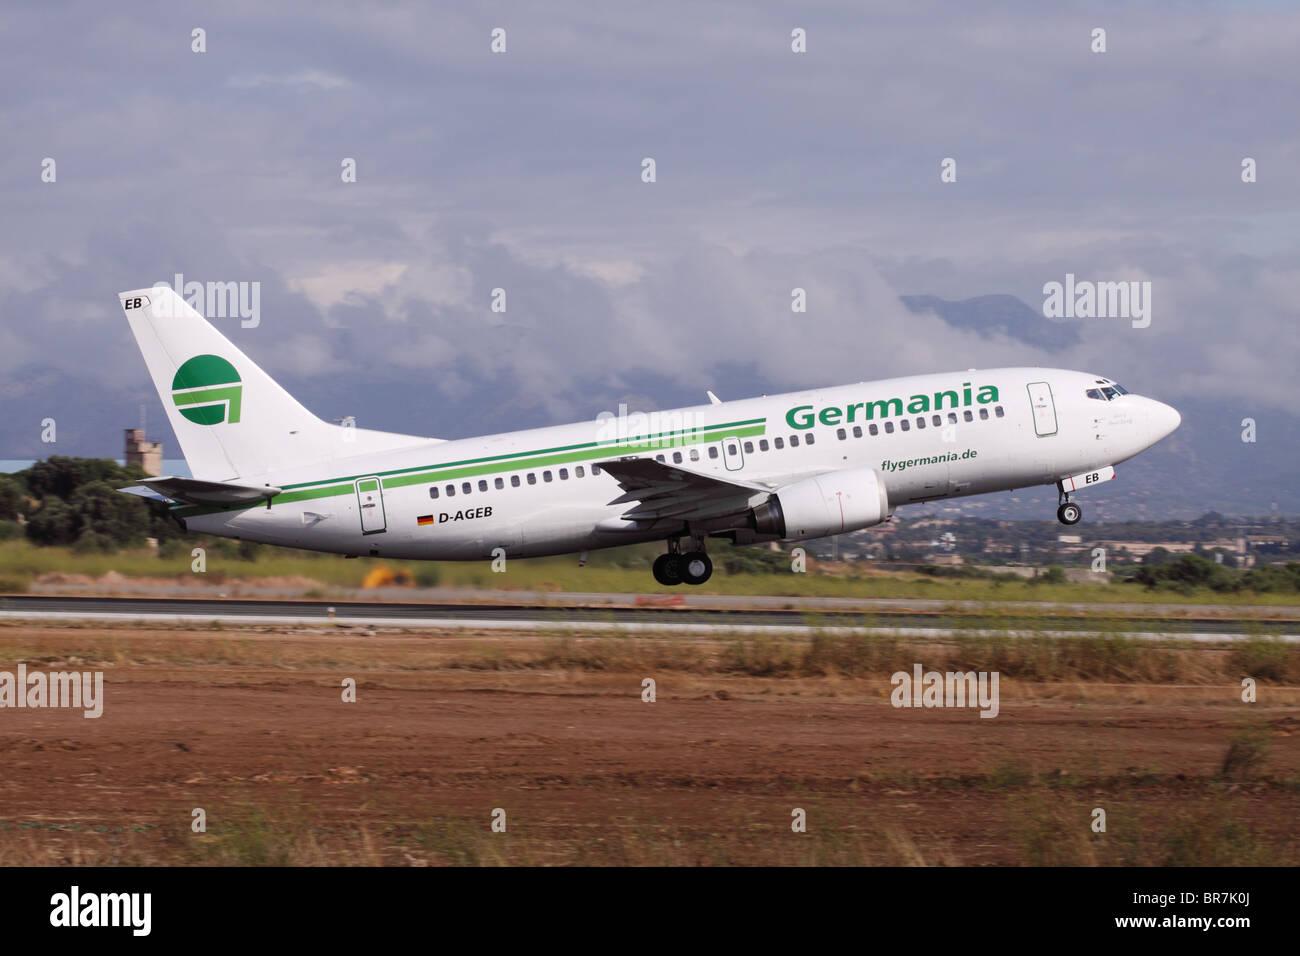 Germania Boeing 737 di aviogetti da trasporto aereo compagnia aerea decollo all'aeroporto di Palma Mallorca Immagini Stock